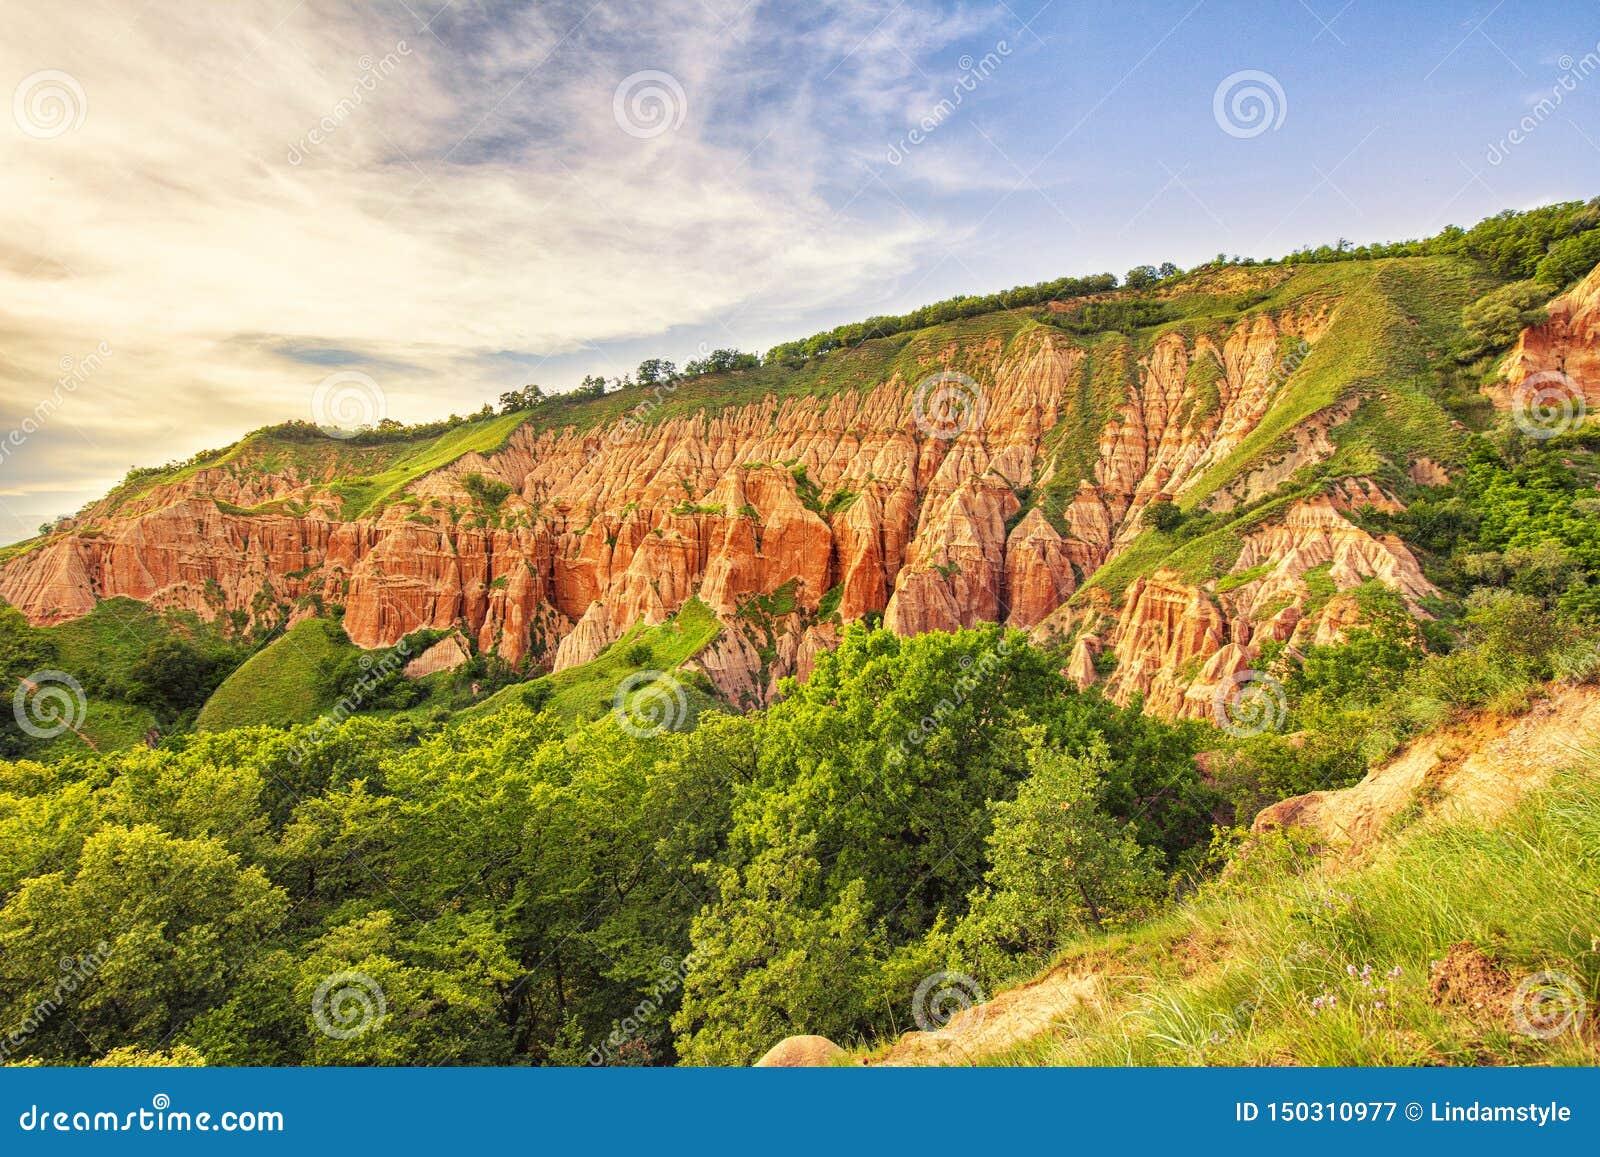 Burrone rosso - Rapa Rosie - Romania, Alba Iulia